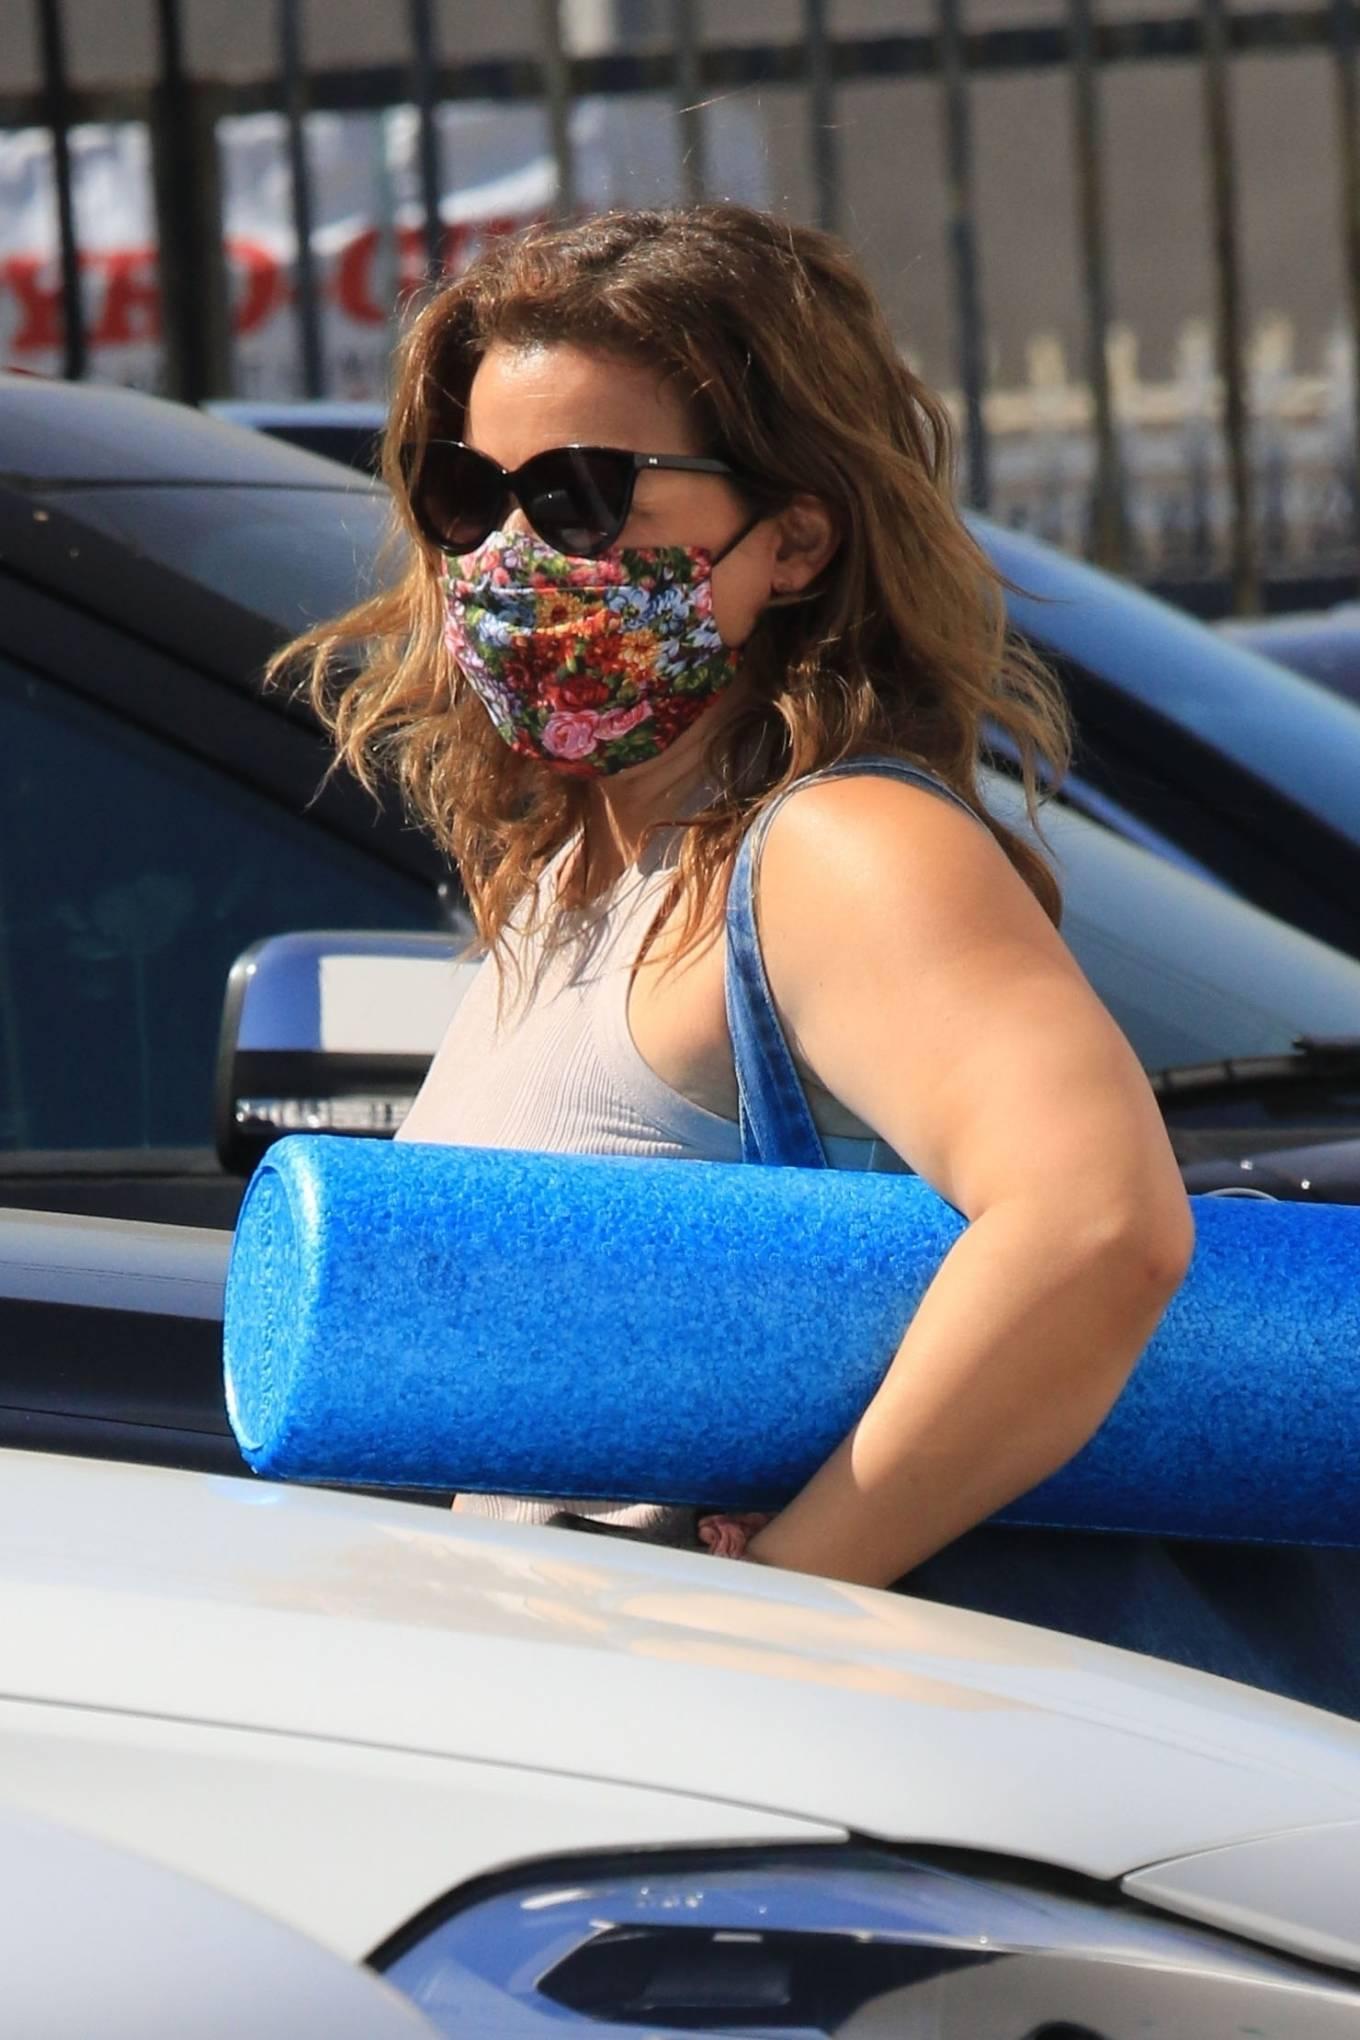 Justina Machado 2020 : Justina Machado – Seen while arriving at the DWTS studio in Los Angeles-05